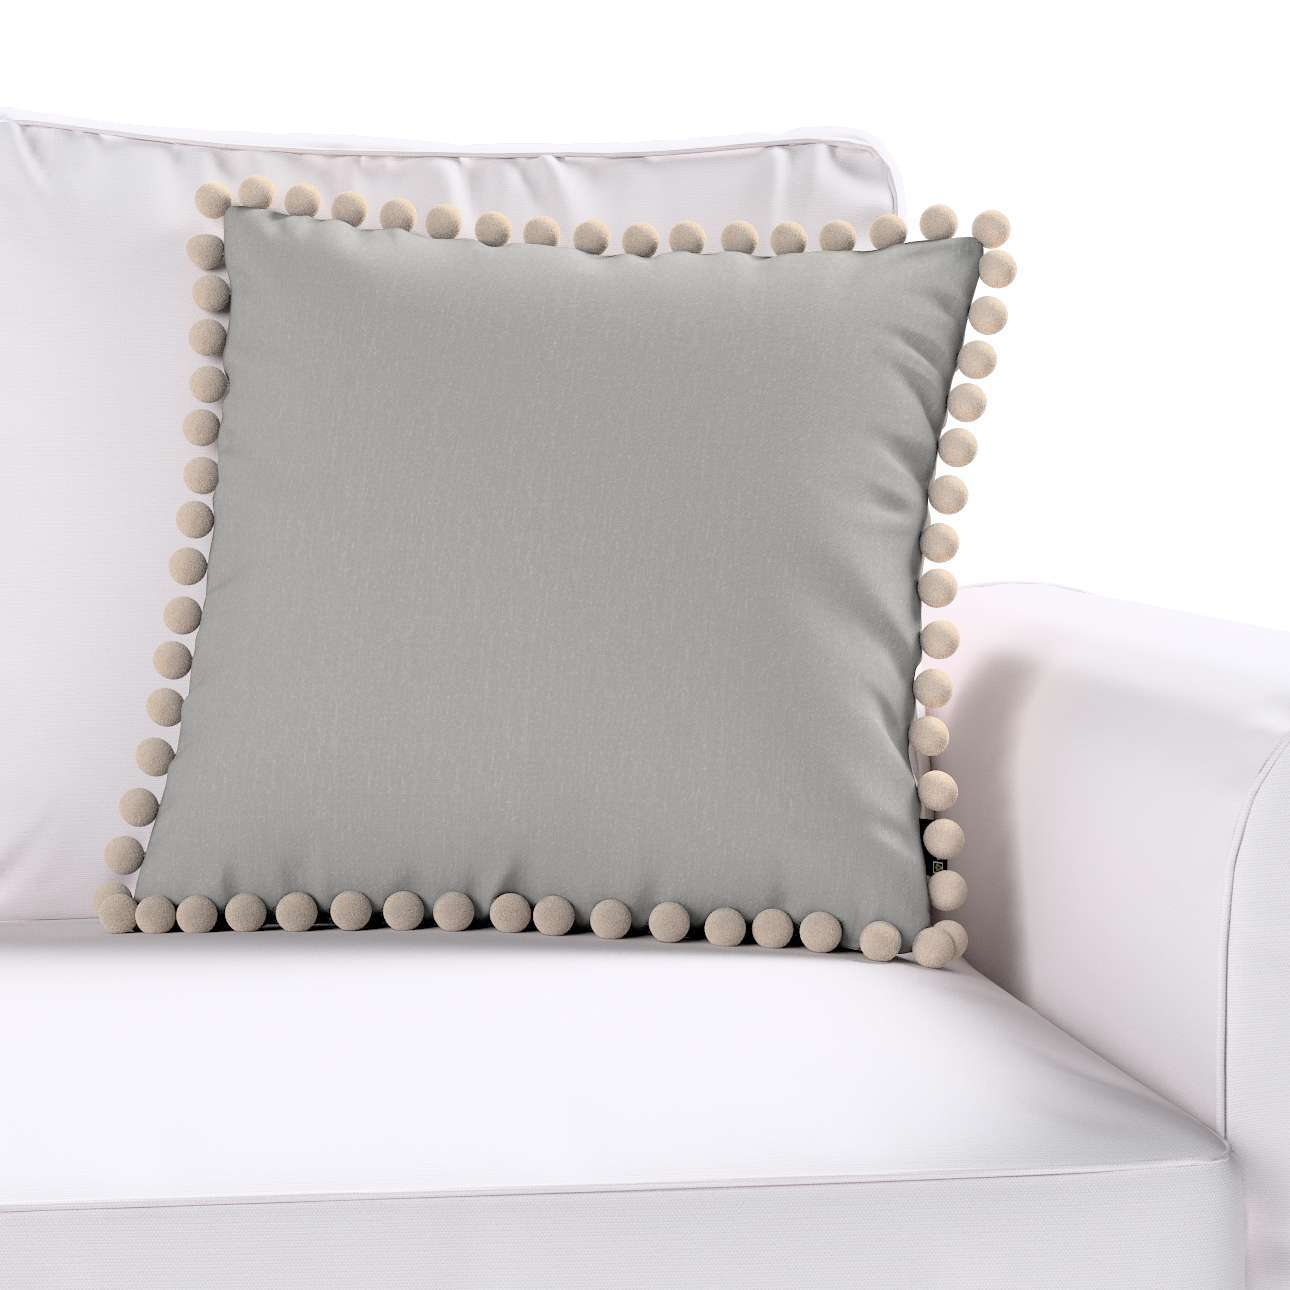 Wera dekoratyvinės pagalvėlės užvalkalas su žaismingais kraštais 45 × 45 cm kolekcijoje Chenille, audinys: 702-23